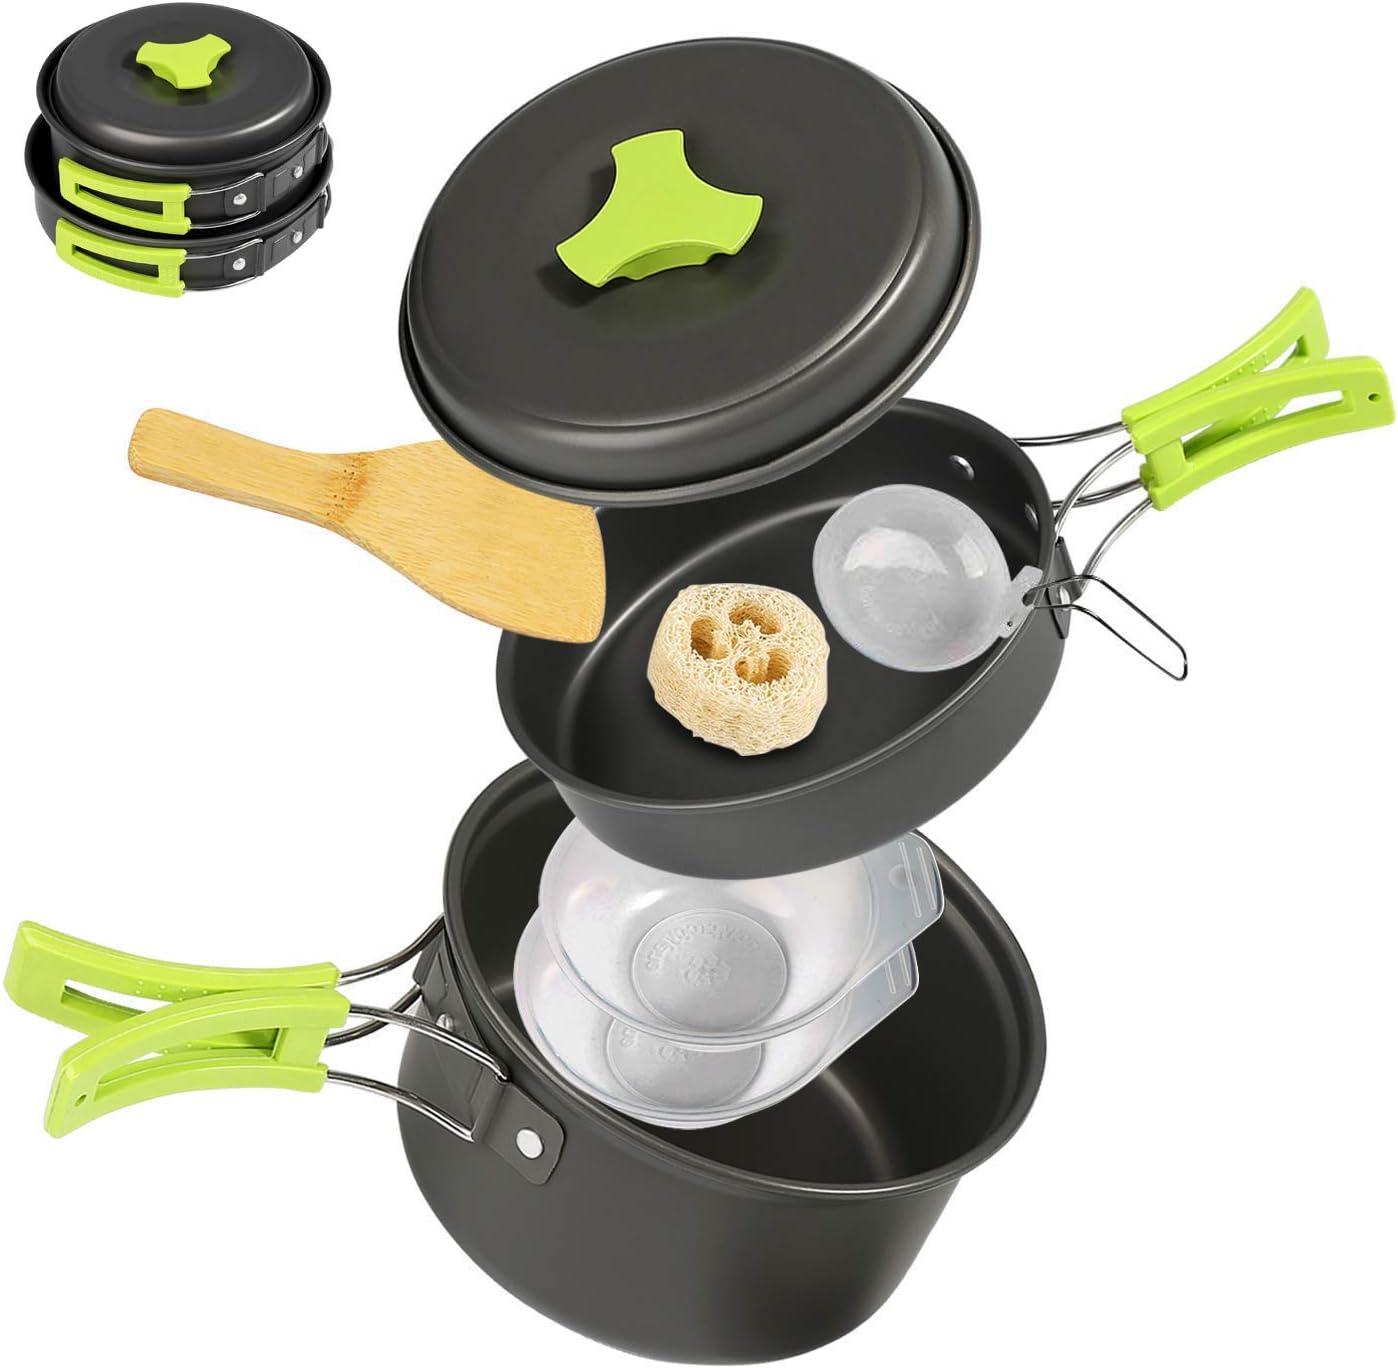 Ballery Kit de Utensilios de Cocina para Acampar, Mini Kit de Utensilios de Cocina, 15 Piezas Mini Kit de Acampar de Cocinar para 1-4 Personas Mochilero, Camping al Aire Libre Senderismo y Picnic